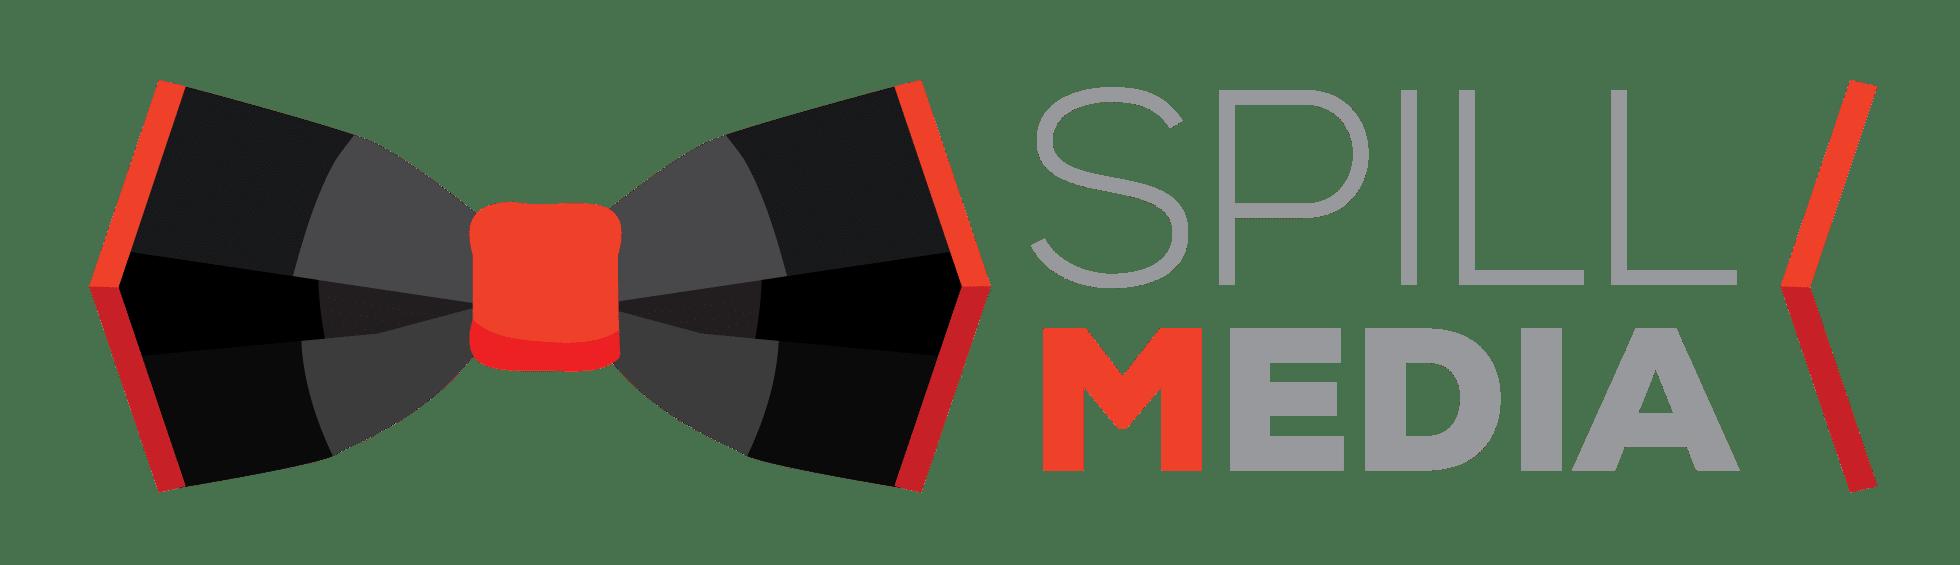 Spill Media